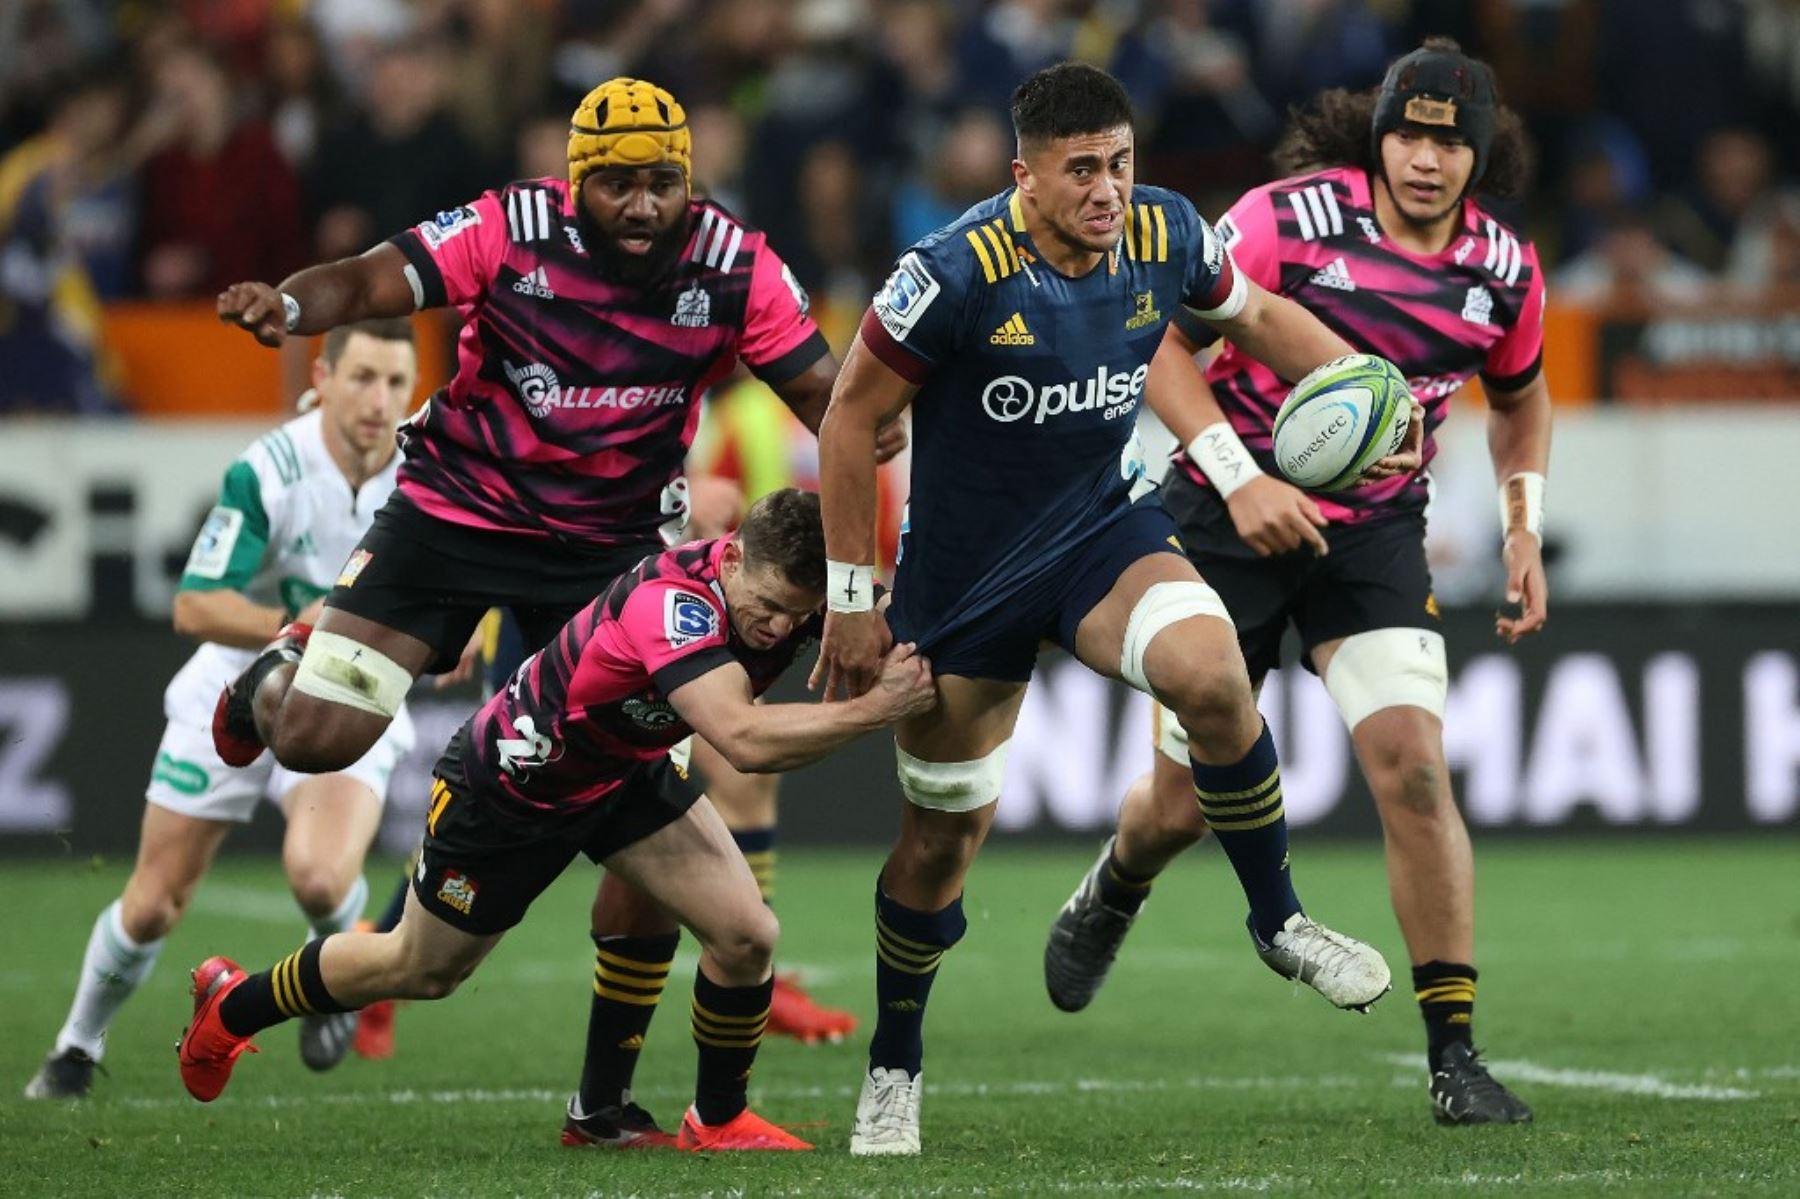 El rugby profesional puede afectar a la estructura cerebral, según un estudio